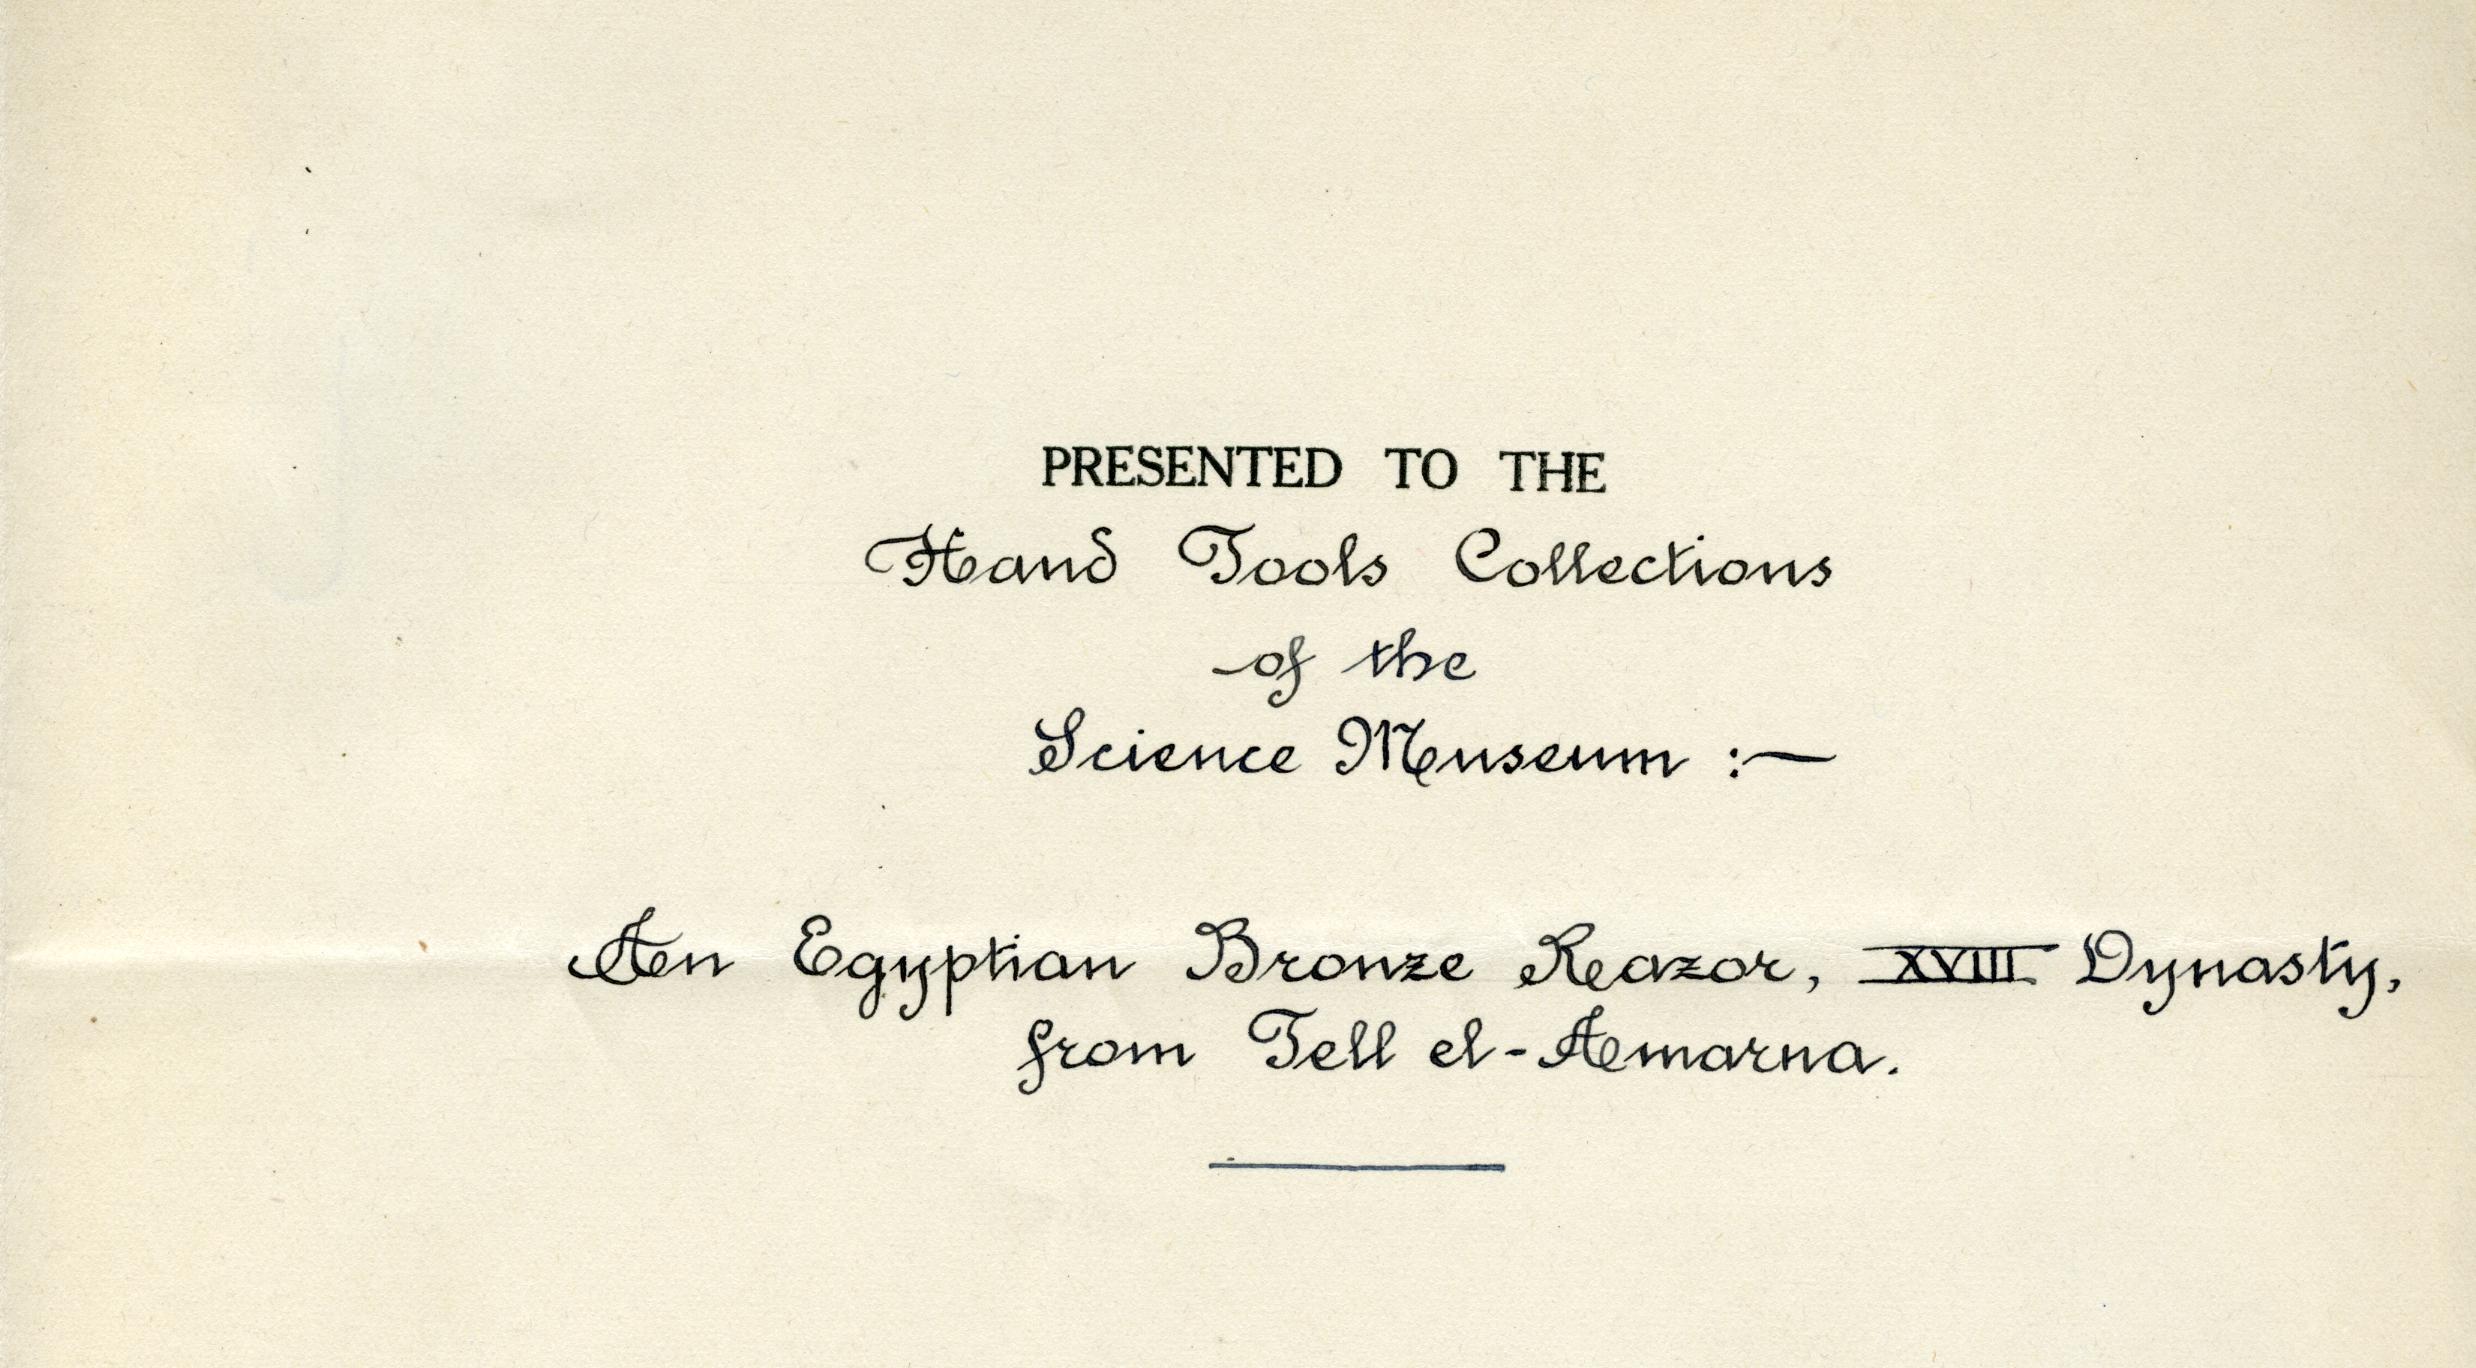 1926-27 el-Amarna DIST.49.088b